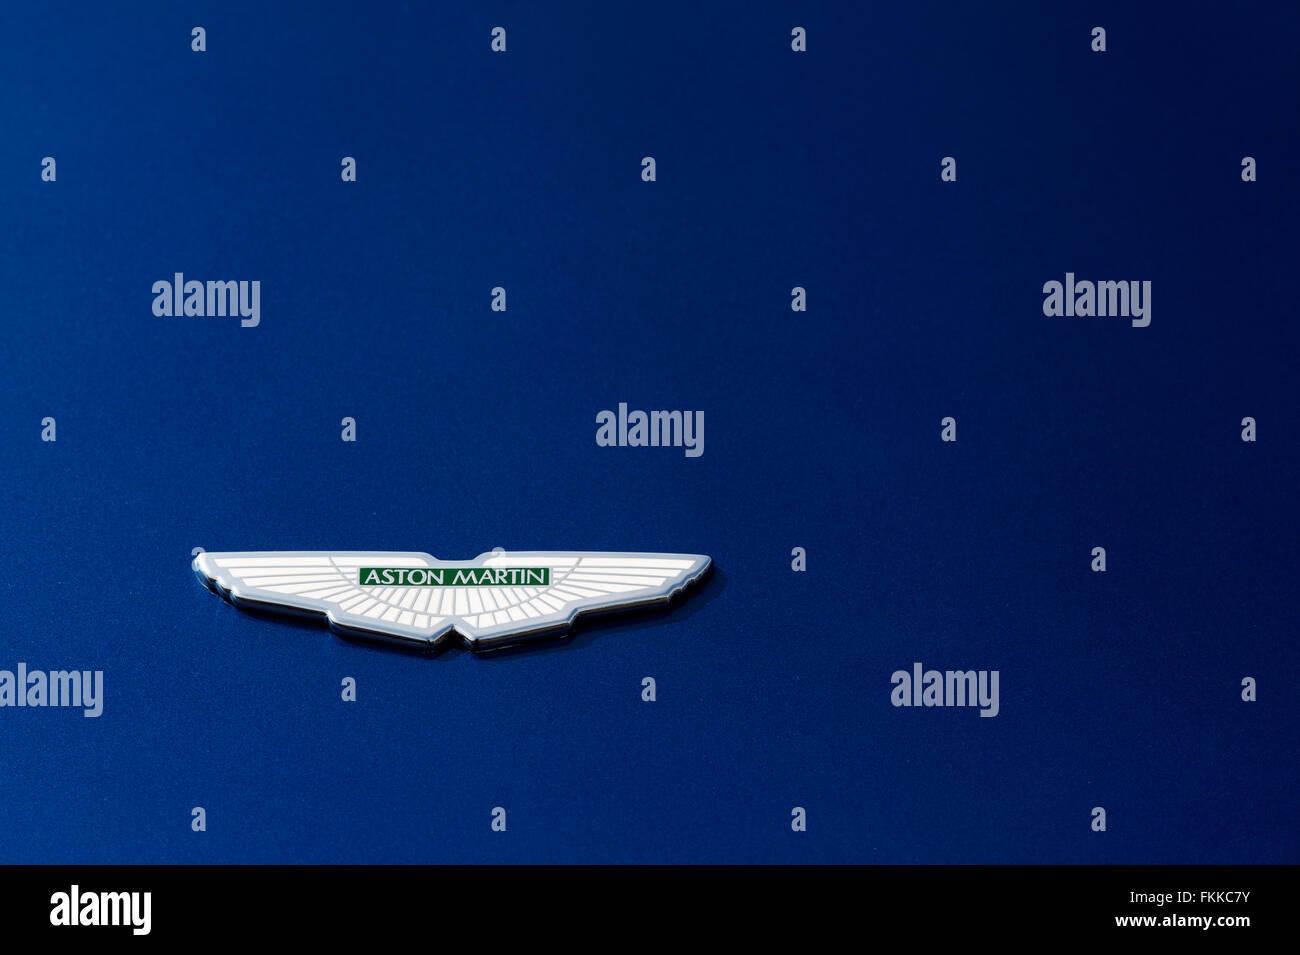 Aston Martin logo badge on metallic blue paint Stock Photo